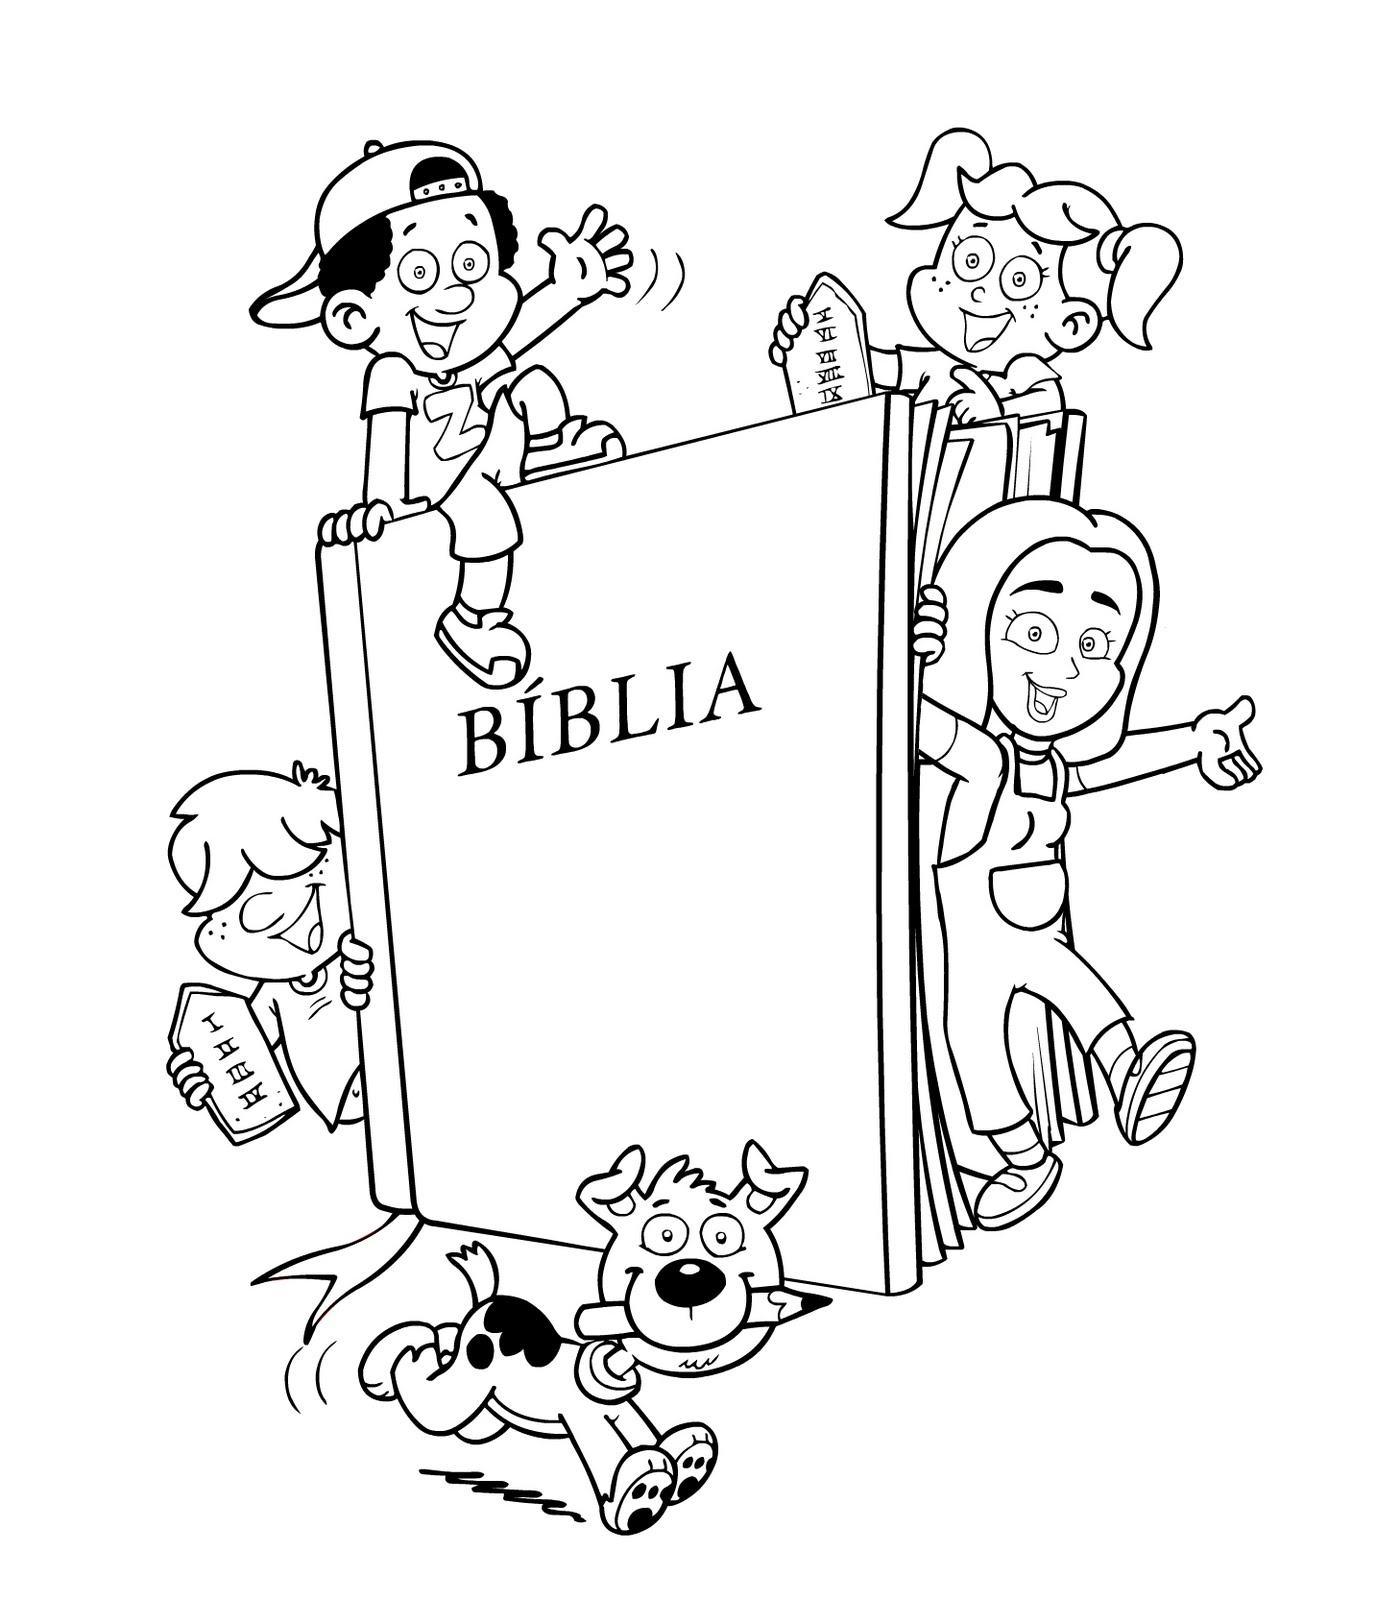 Favoritos Desenhos Bíblicos para Colorir da Bíblia YQ38